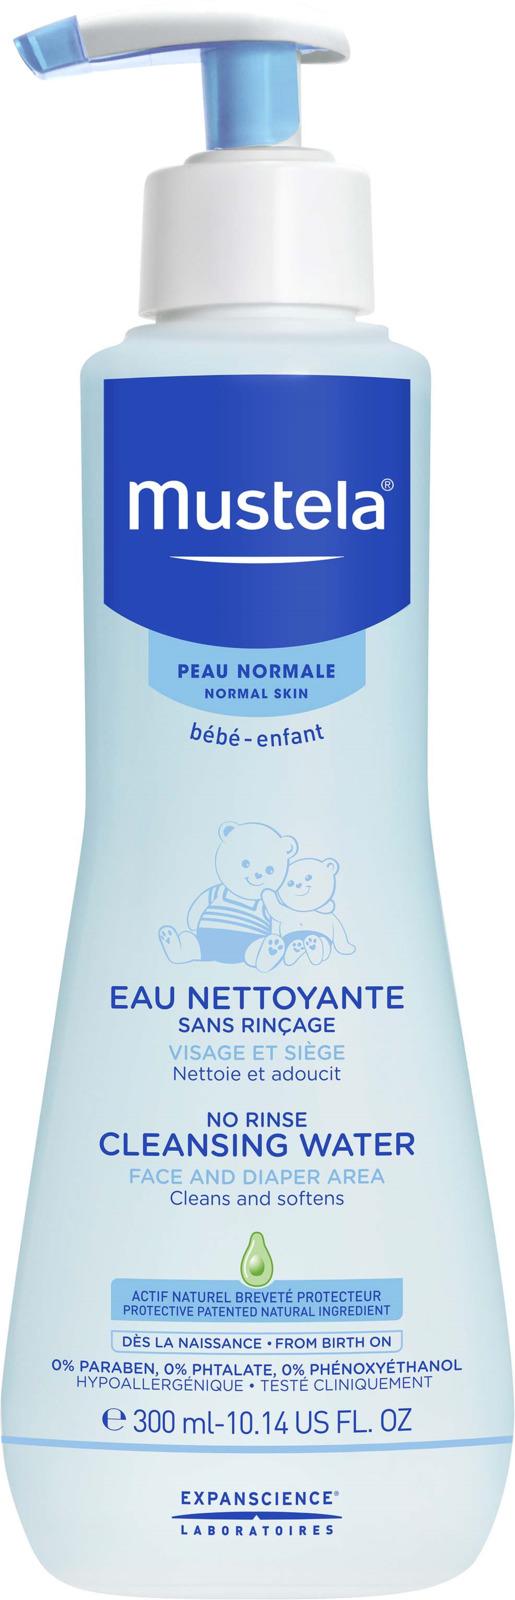 Очищающая вода Mustela для новорожденных и детей, 300 мл mustela пена для ванны mustela bebe 8700794 200 мл